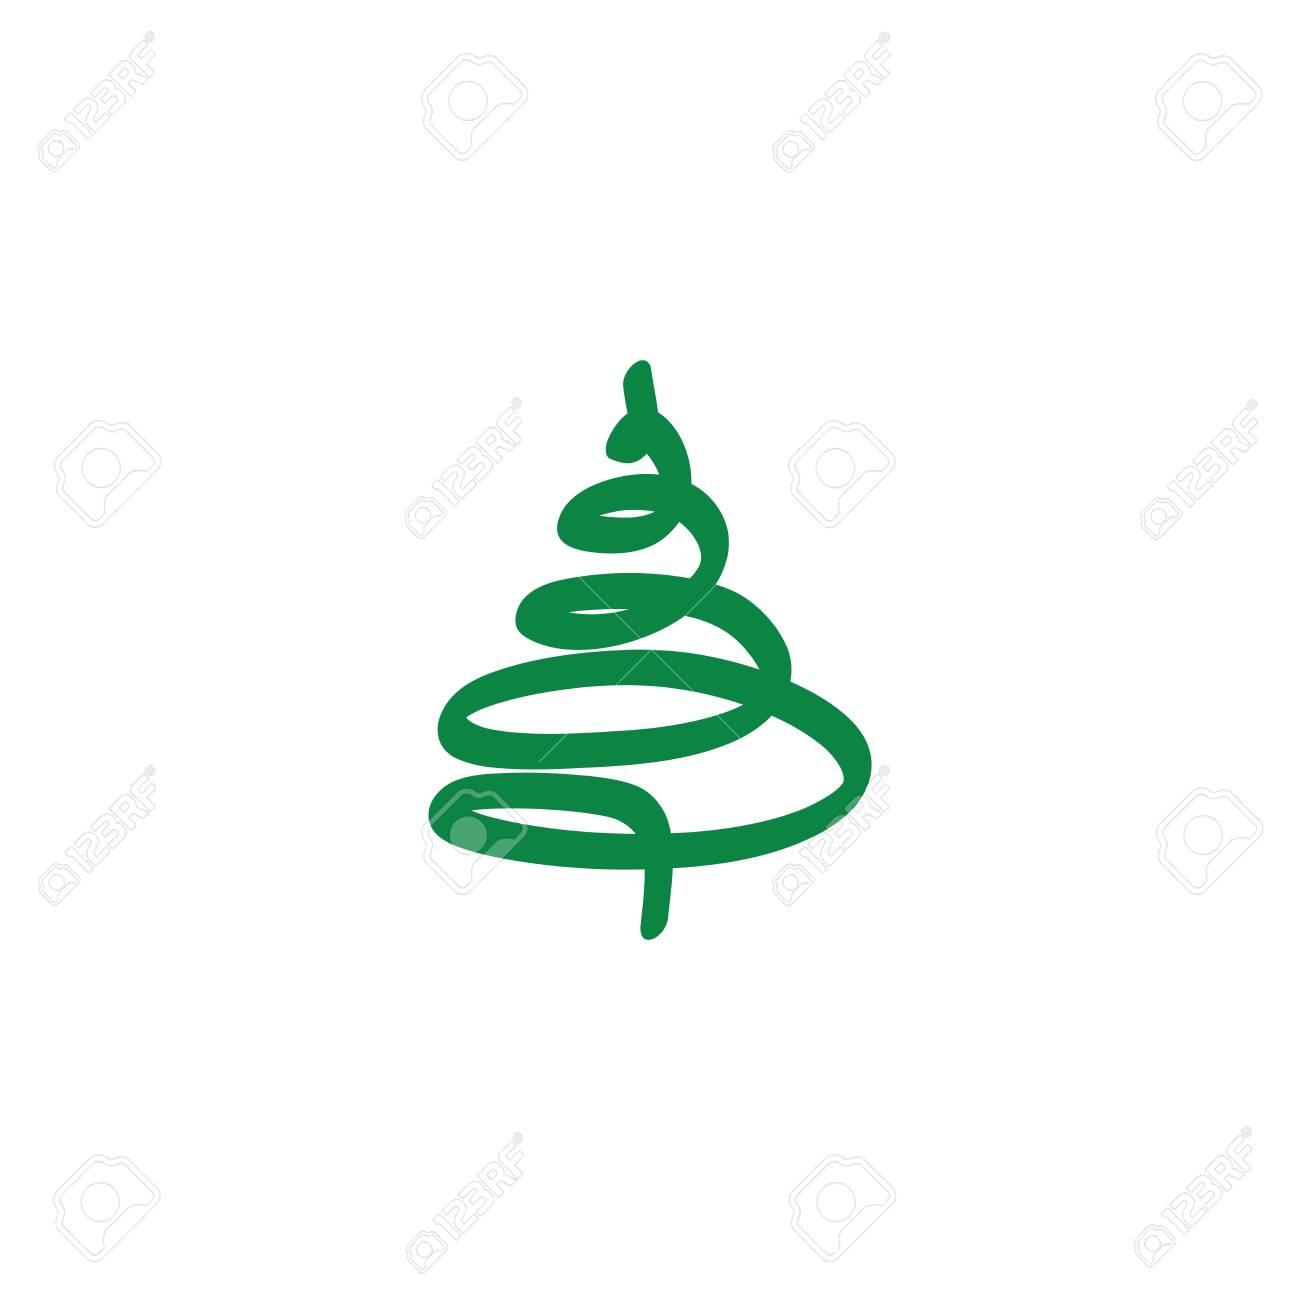 Disegni Di Natale Vettoriali.Segno Di Albero Di Natale Abbozzo Di Verde Di Disegno Della Siluetta Su Priorita Bassa Bianca Simbolo Dell Inverno Delle Decorazioni E Delle